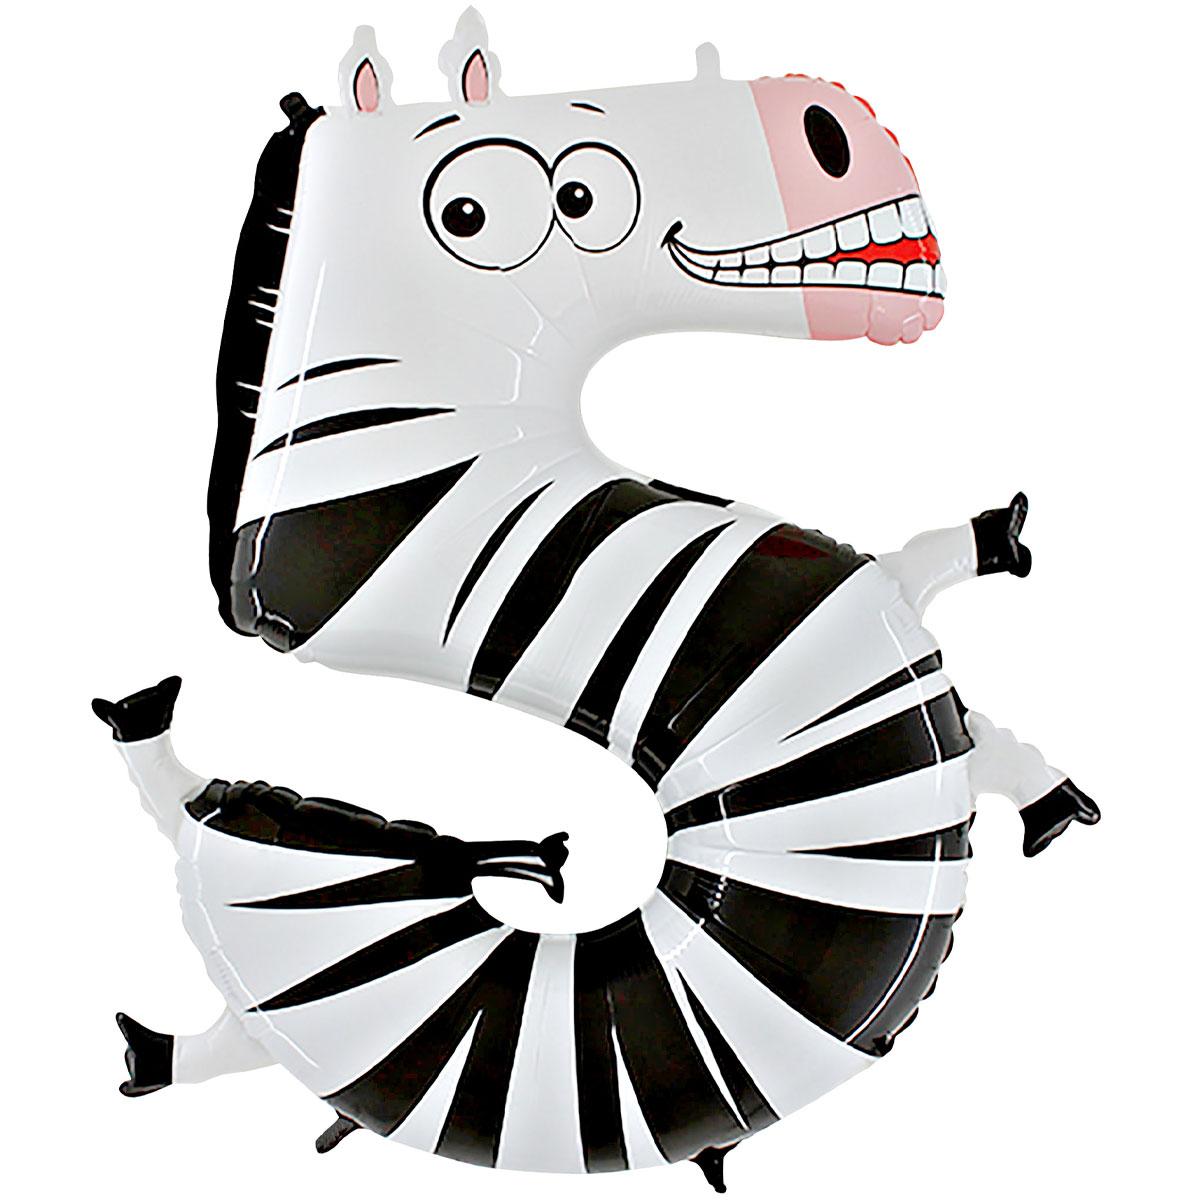 Festivitré Https Fournisseur Ballon Decoration.com Wp Content Uploads 2018 09 Animaloons 5 Zebra